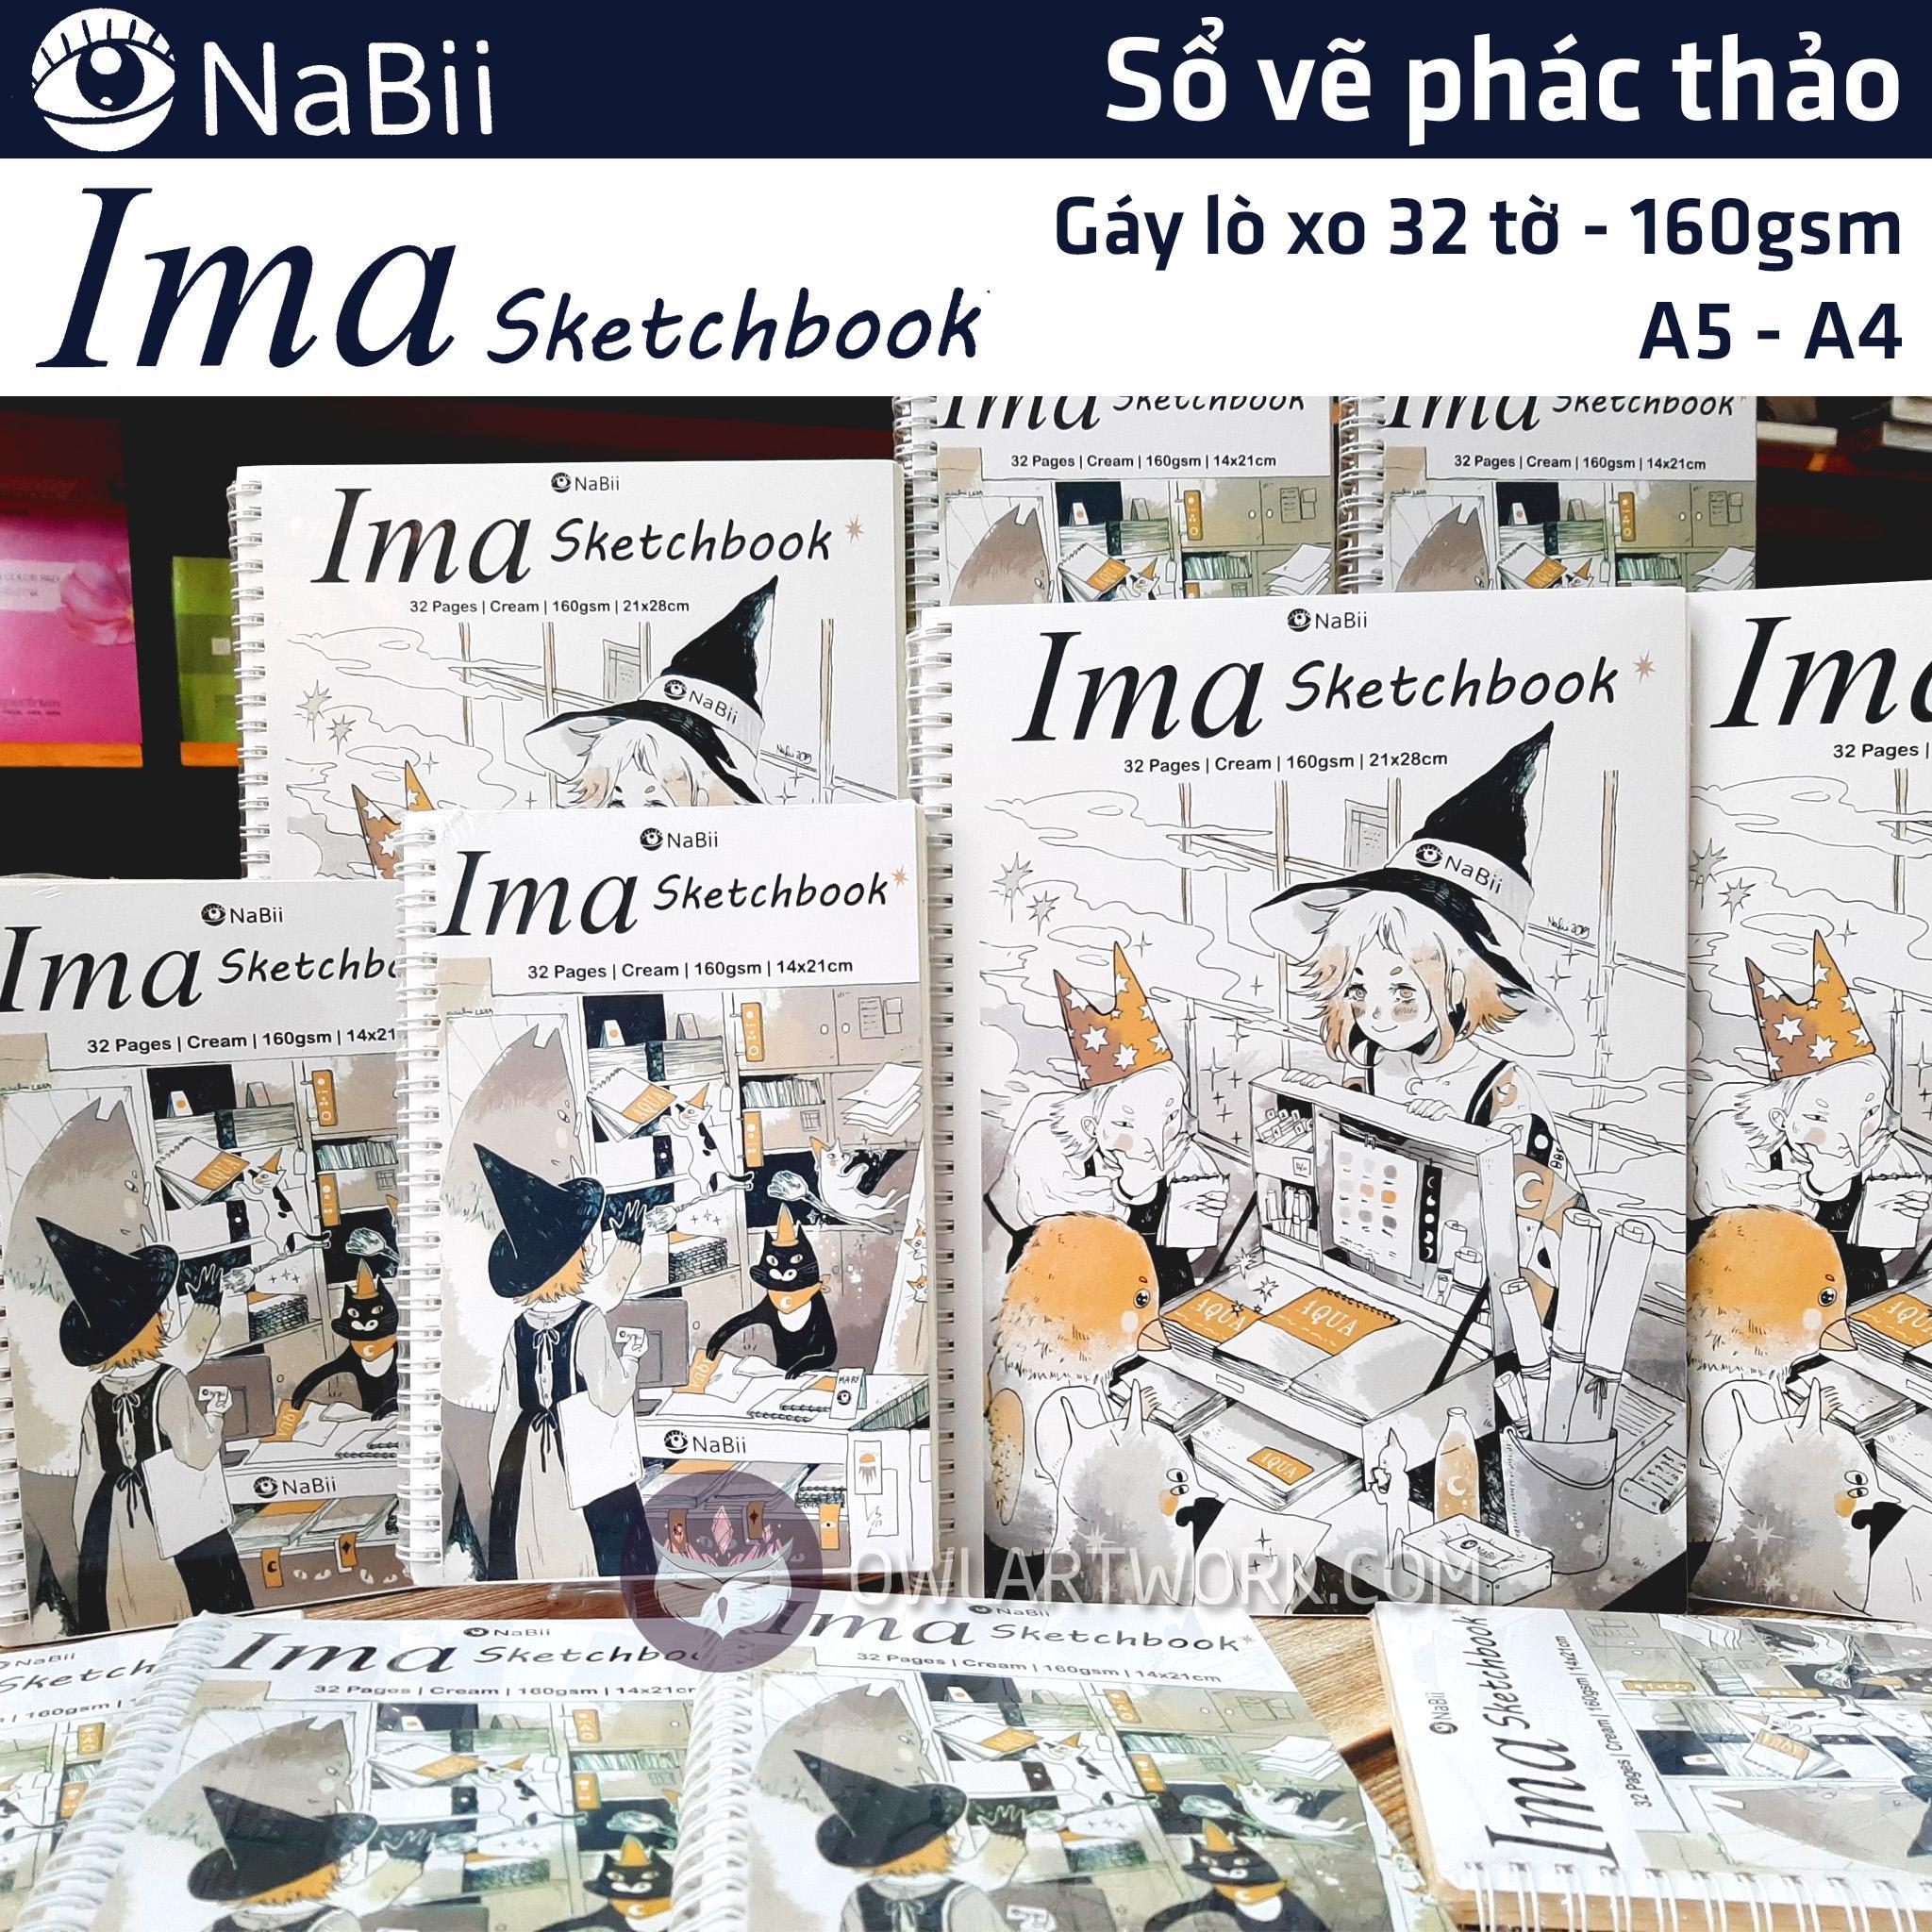 Mua Sổ vẽ phác thảo giấy NaBii Ima Sketchbook 160gsm 32 tờ